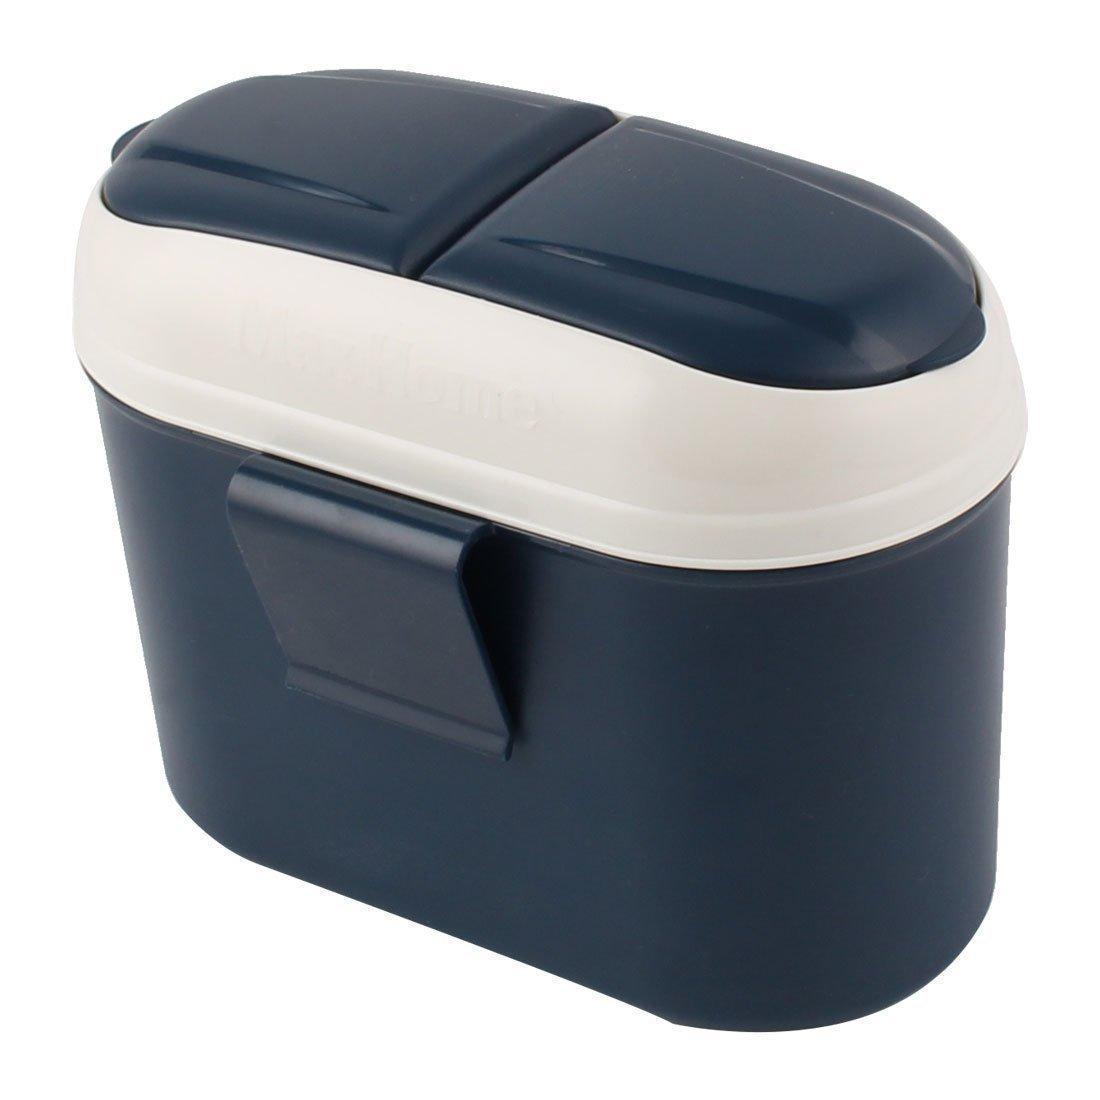 eDealMax veicolo Auto Spazzatura Cestino Supporto bidone Della pattumiera dei rifiuti Container Yale Blu